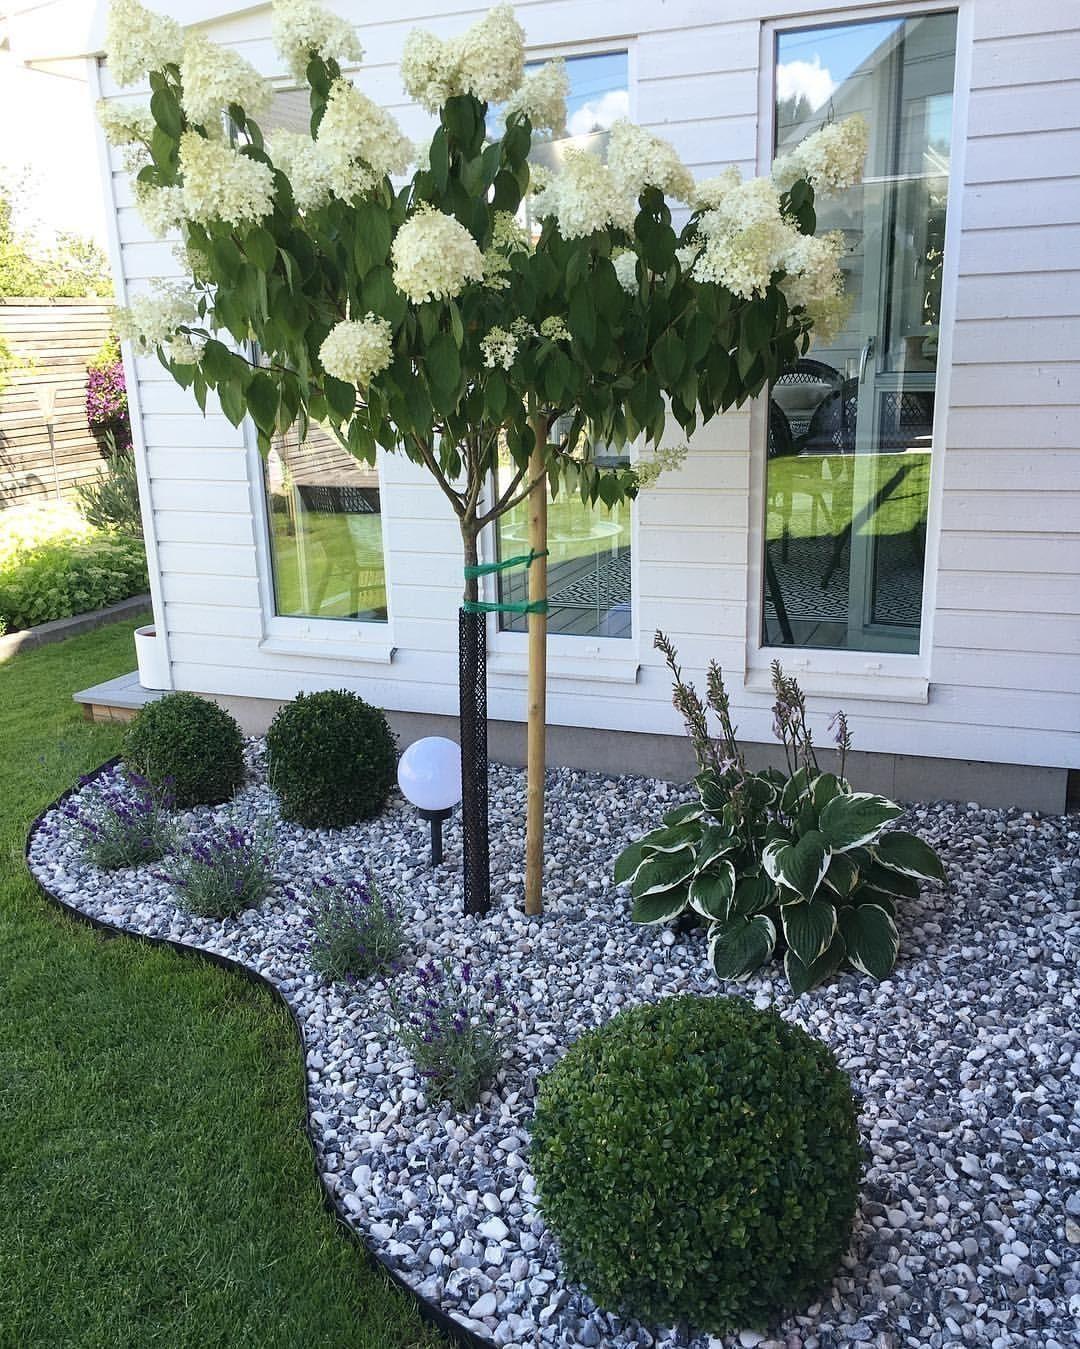 39 cheap and easy diy garden ideas everyone can do small